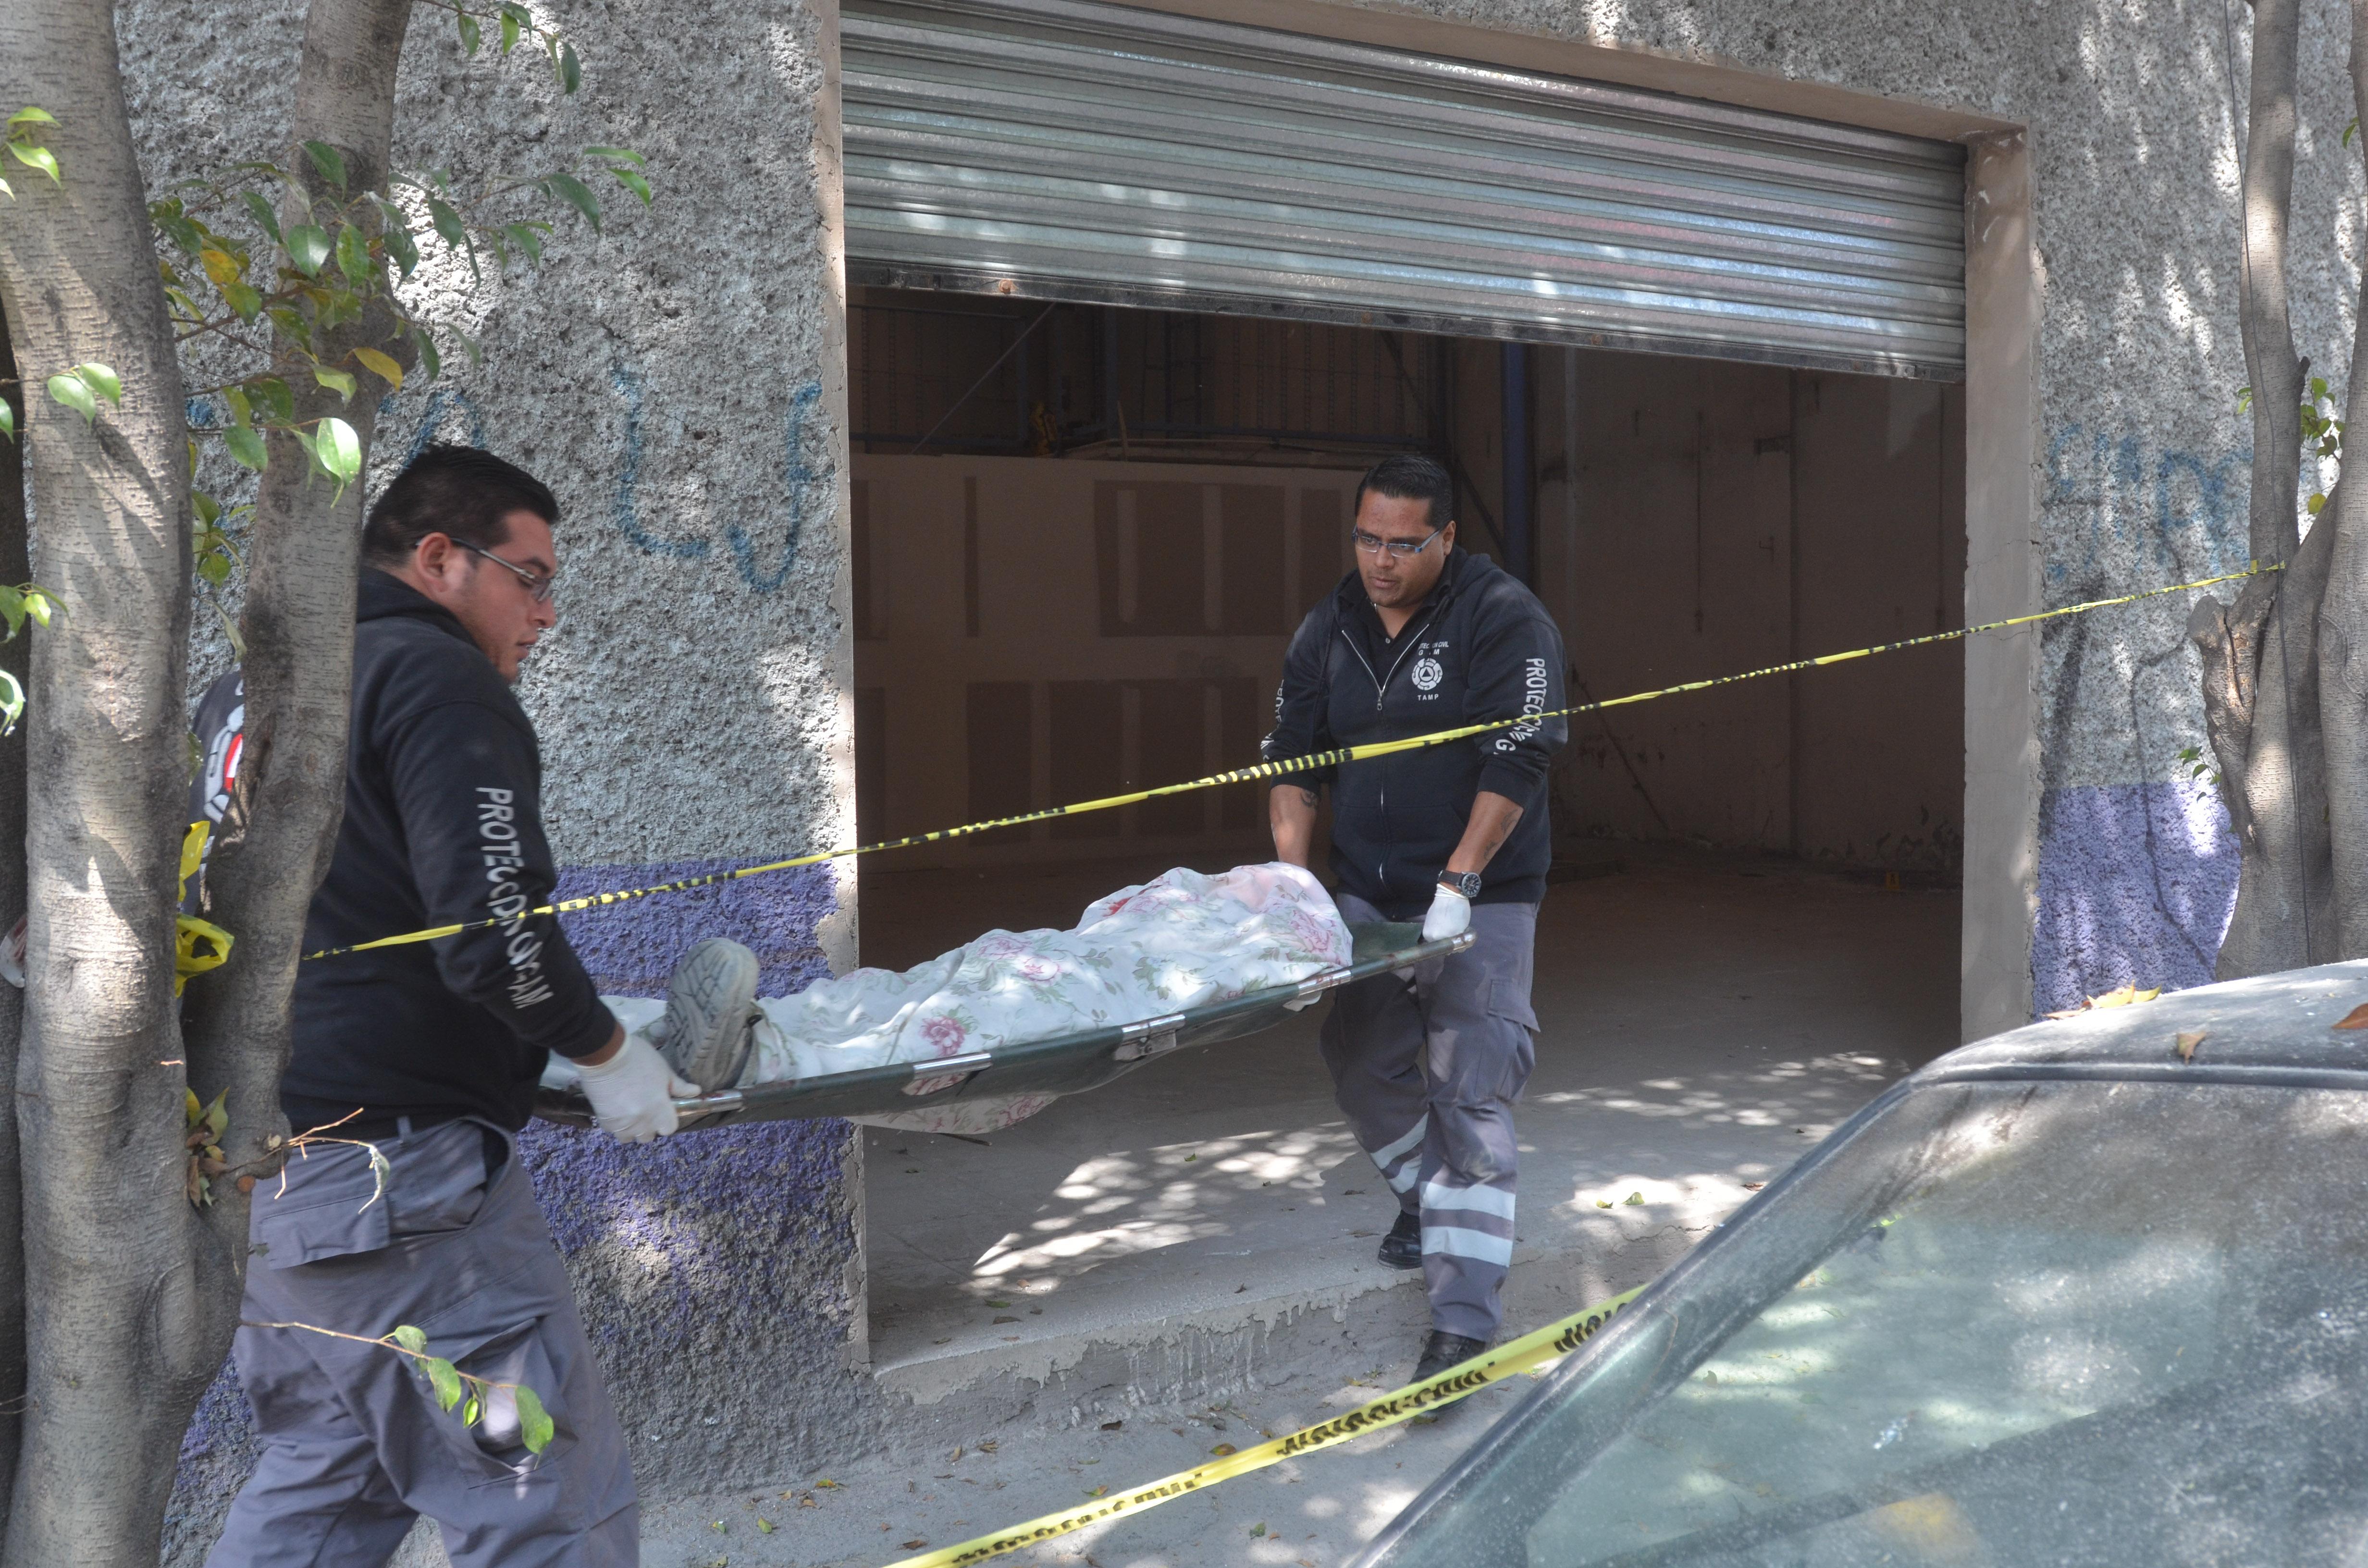 Un albañil murió al caer de un andamio en una obra en construcción, cuando resanaba la pared del edificio ubicado en la calle Norte 12, número 4412, colonia Guadalupe Victoria (Foto: Cuartoscuro)